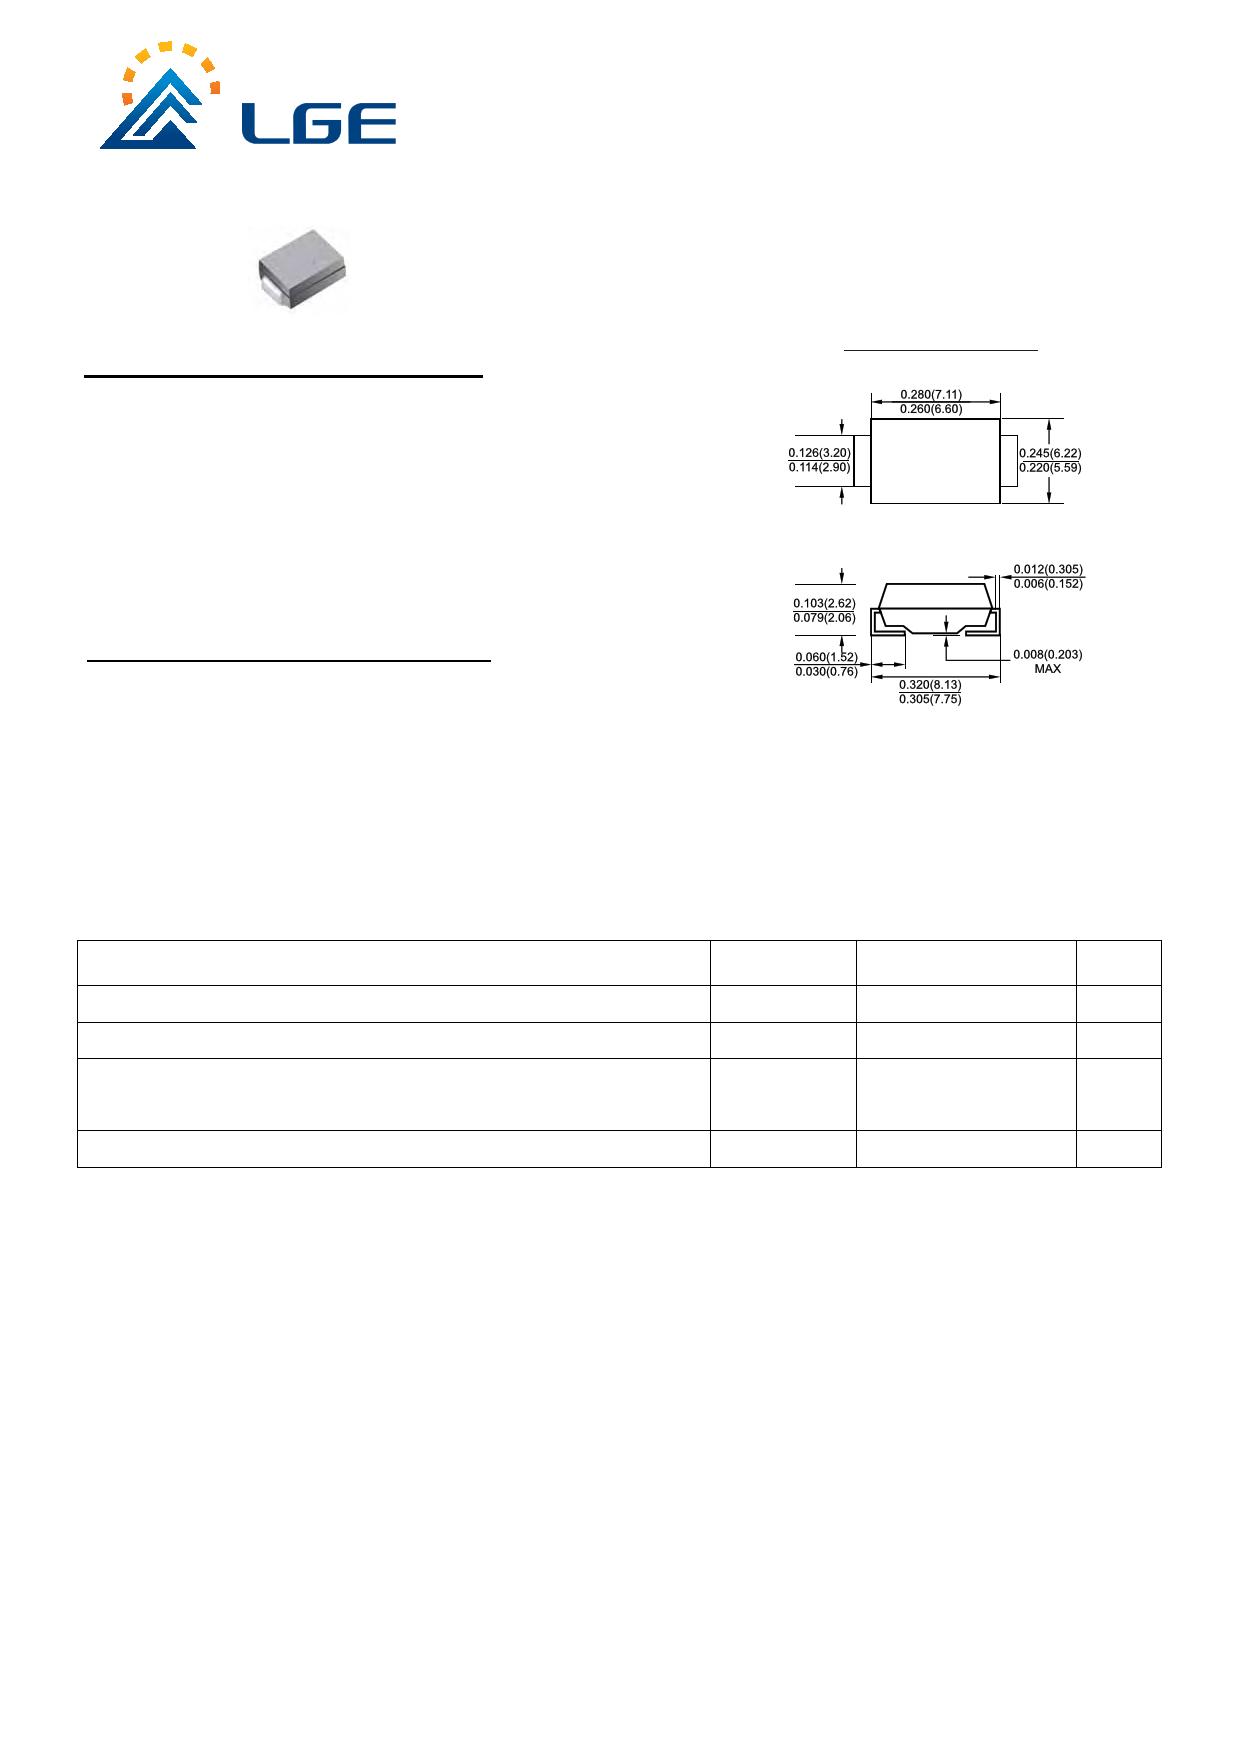 3.0SMCJ110C Datasheet, 3.0SMCJ110C PDF,ピン配置, 機能